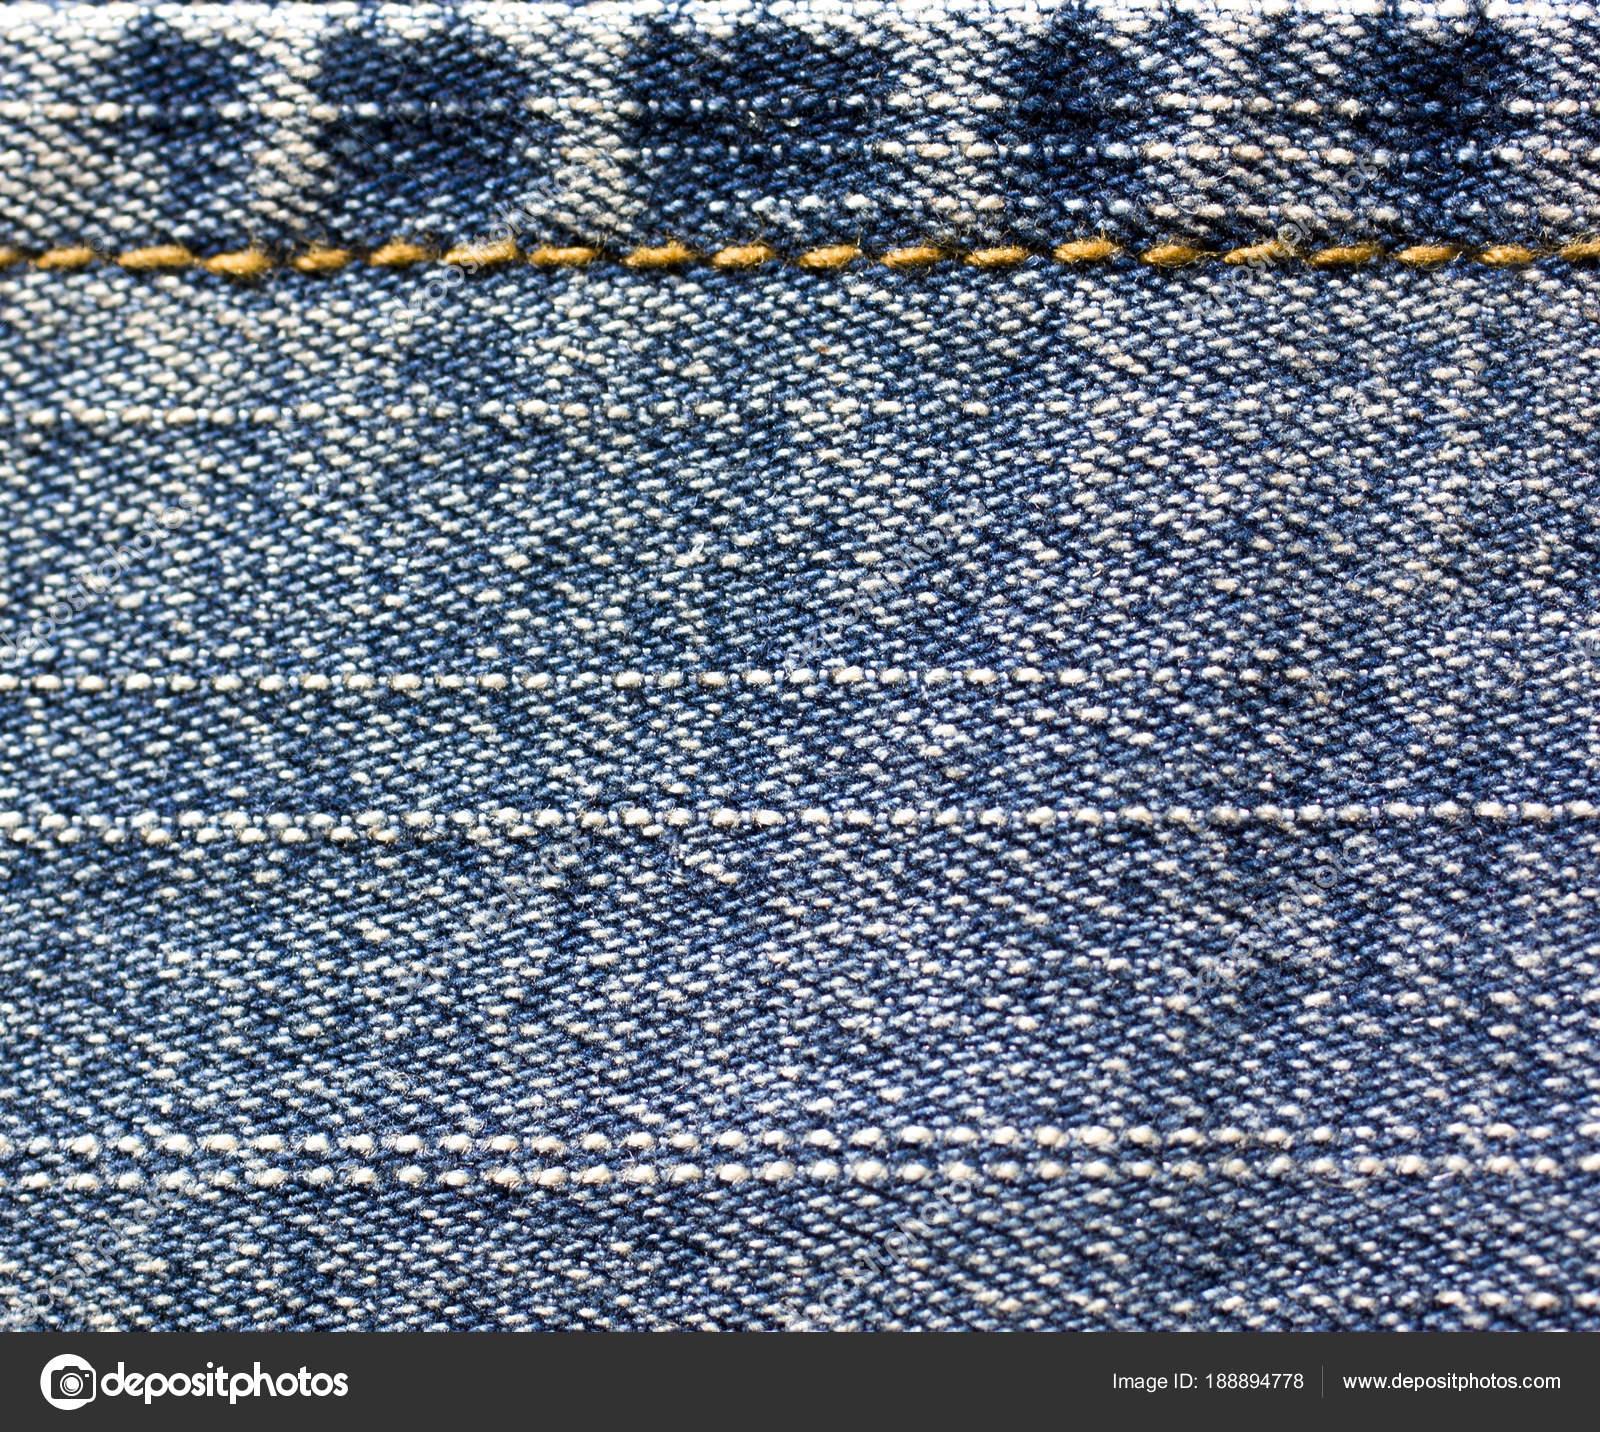 Blaue Jeans Stoff nähen mit orange-thread — Stockfoto © Yulu #188894778